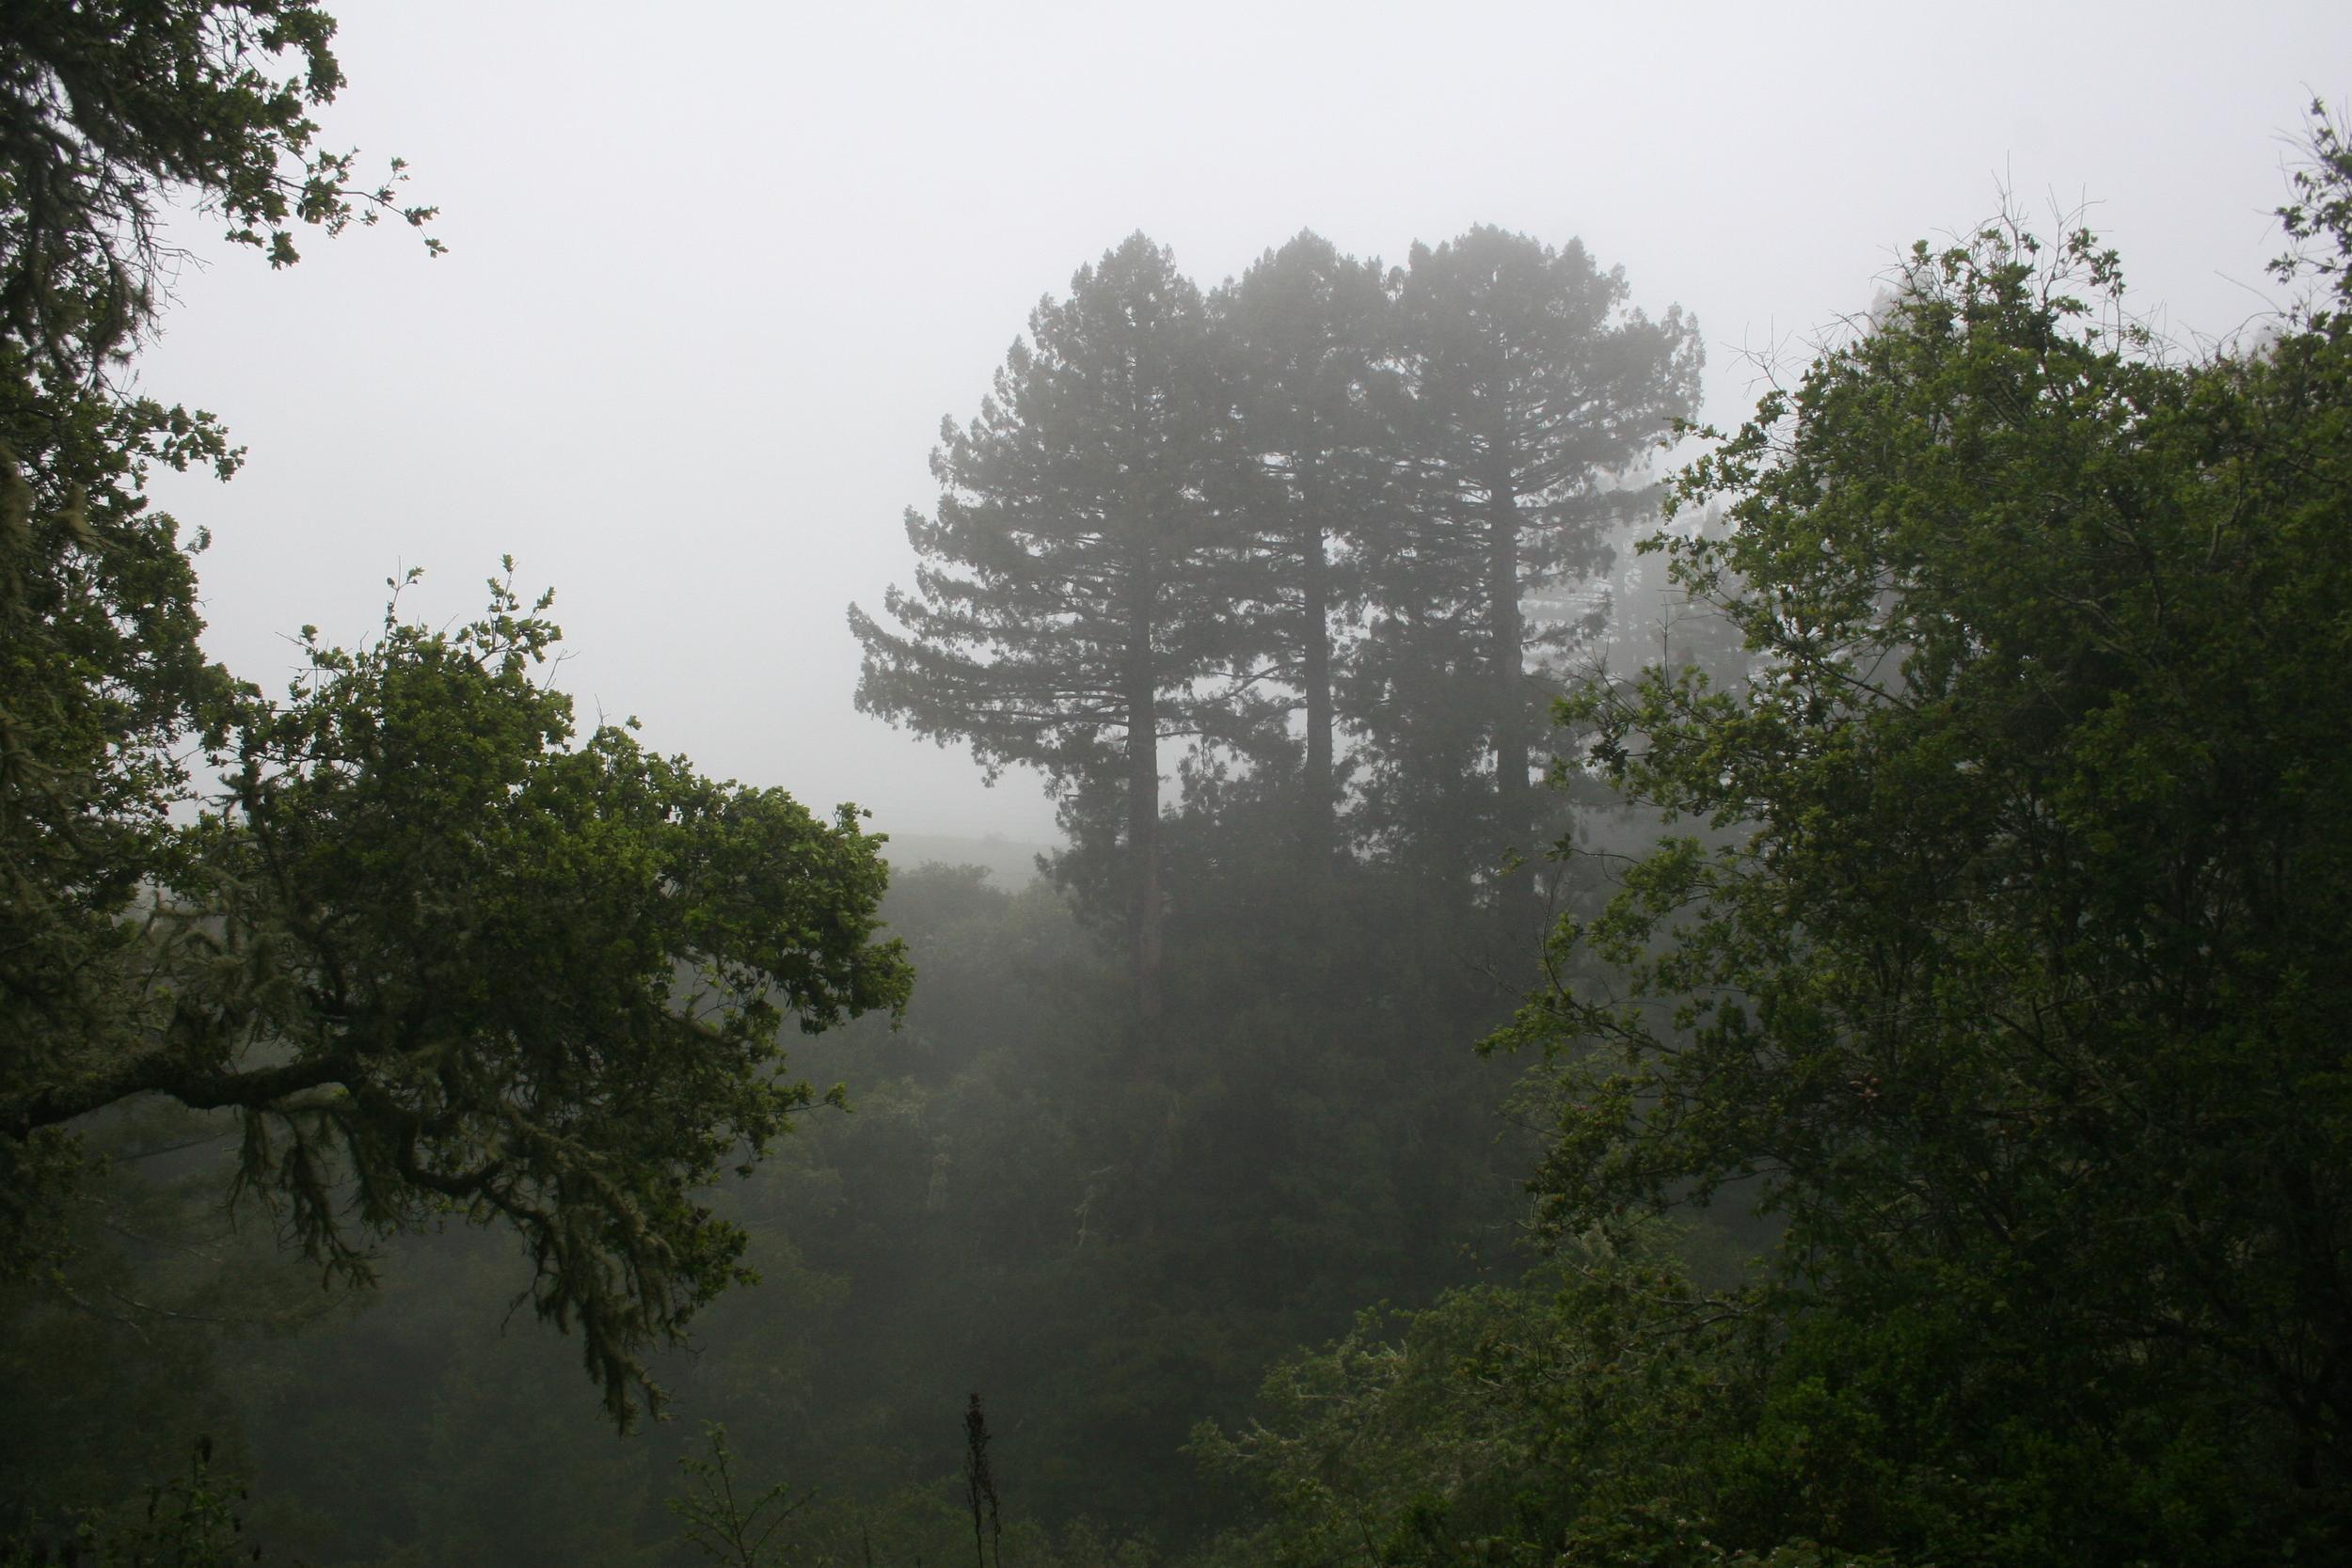 misty moisty